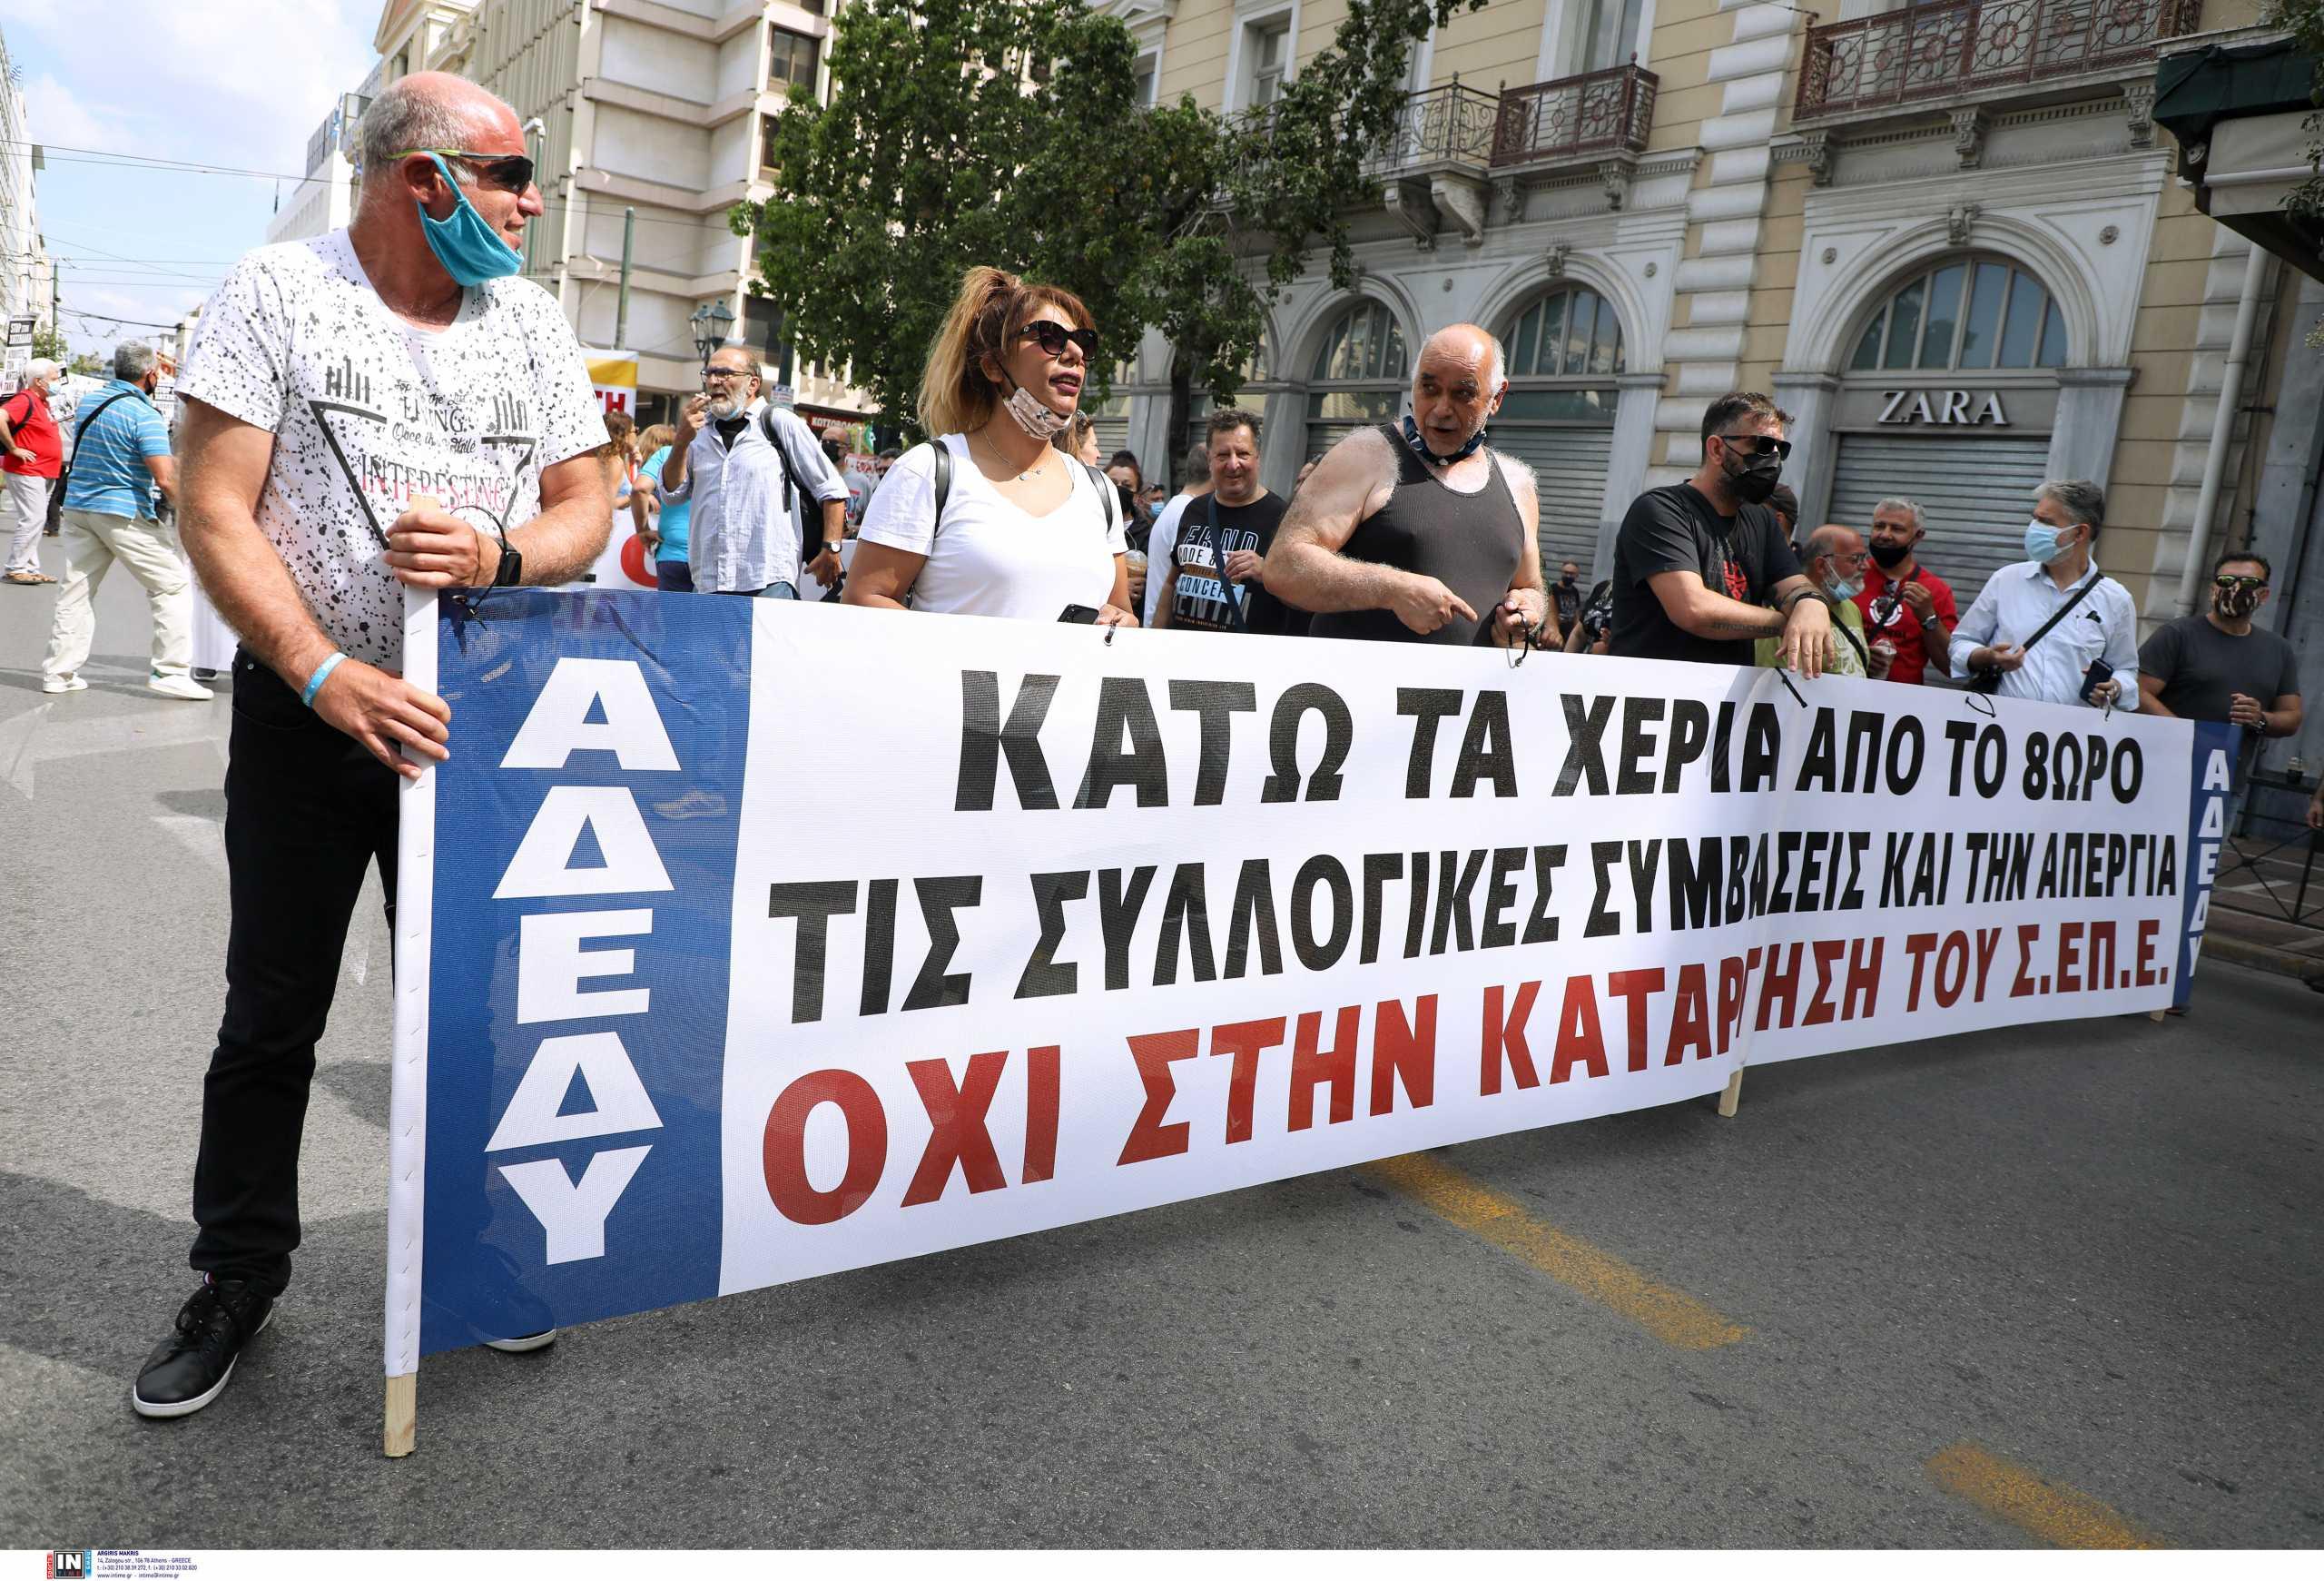 Απεργία της ΑΔΕΔΥ την Τετάρτη για το εργασιακό νομοσχέδιο